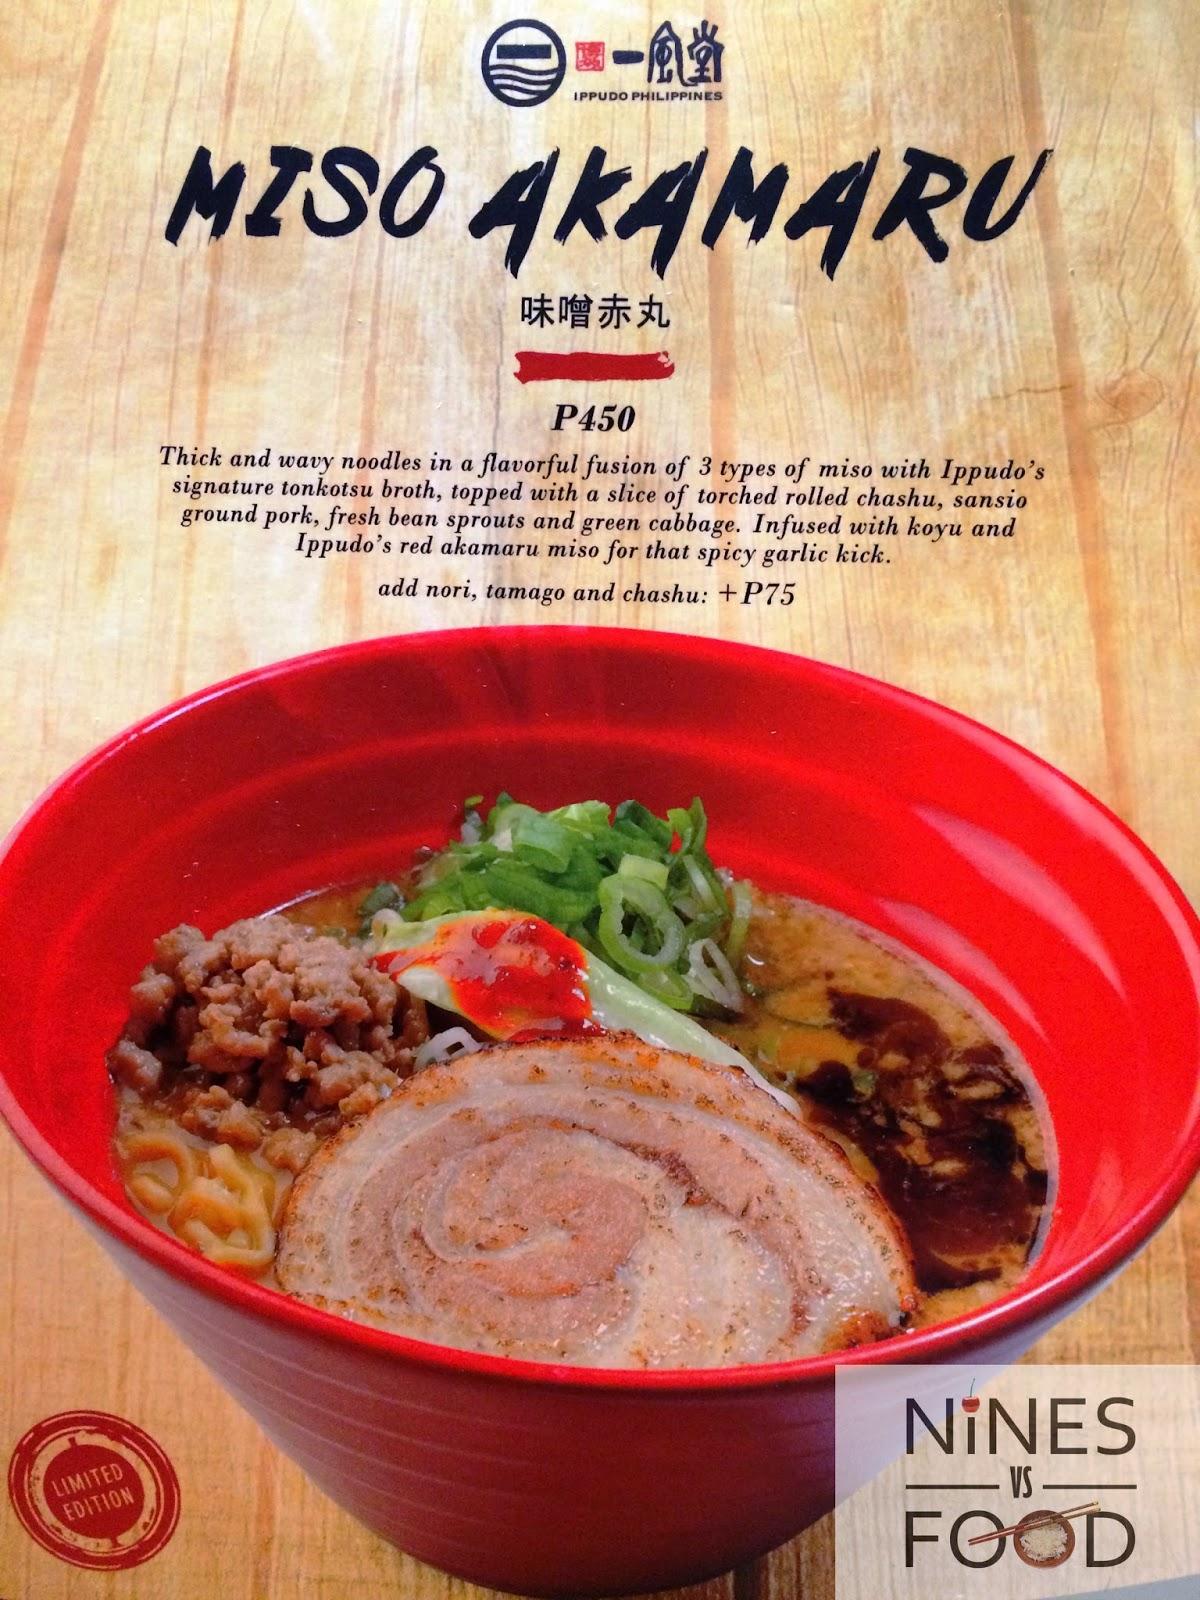 Ippudo Philippines Miso Akamaru-2.jpg